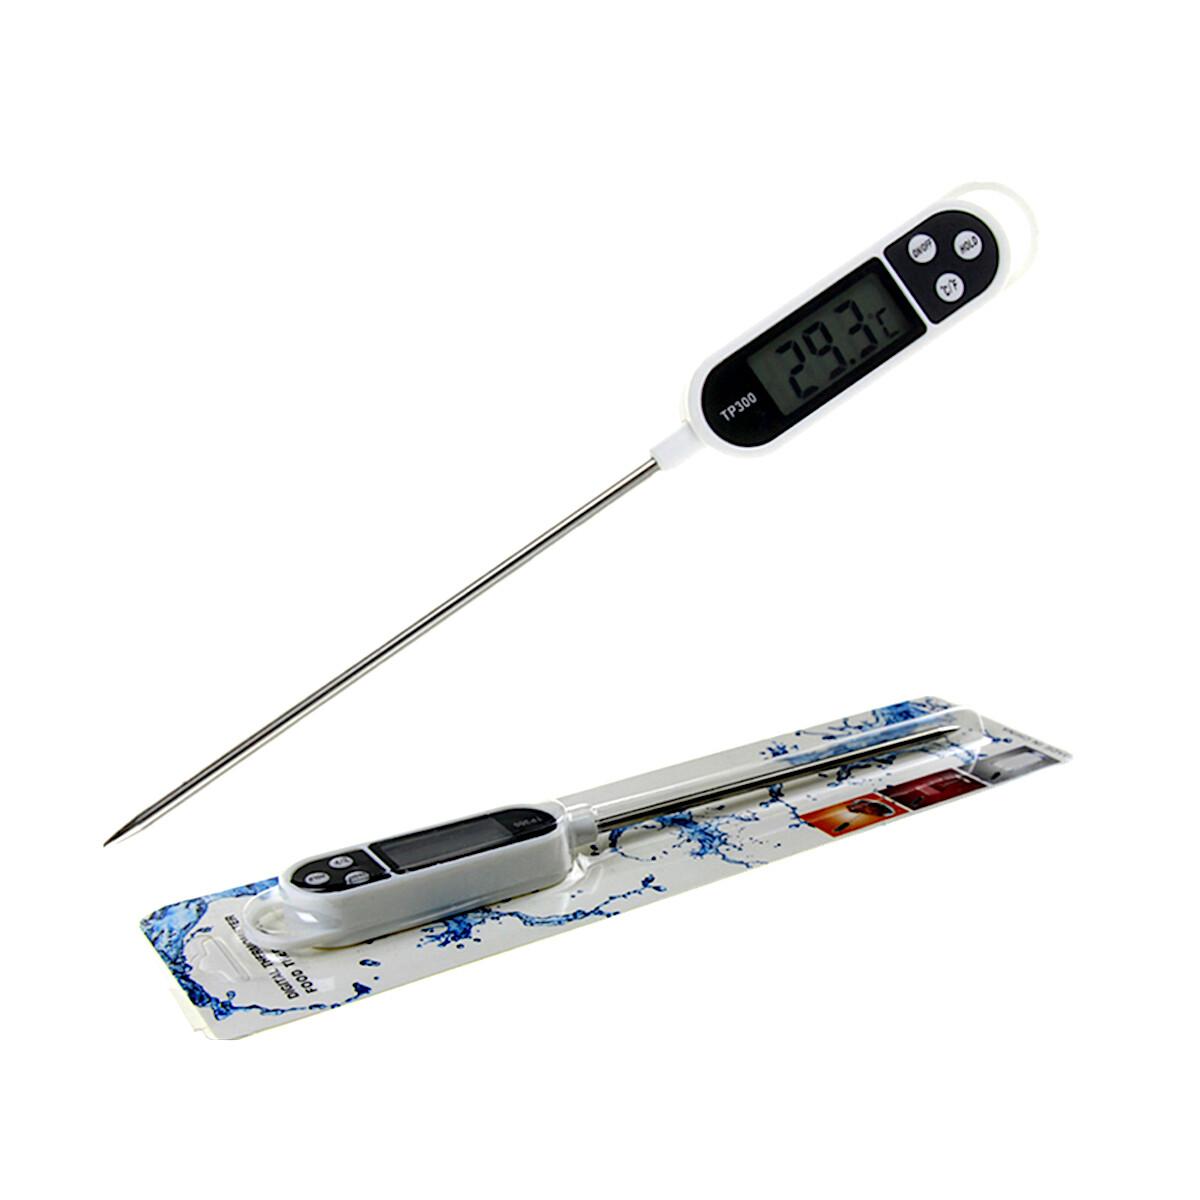 Кондитерский термометр цифровой (°C/F) от -50°C до +250°C TD300 | щуп 145 мм